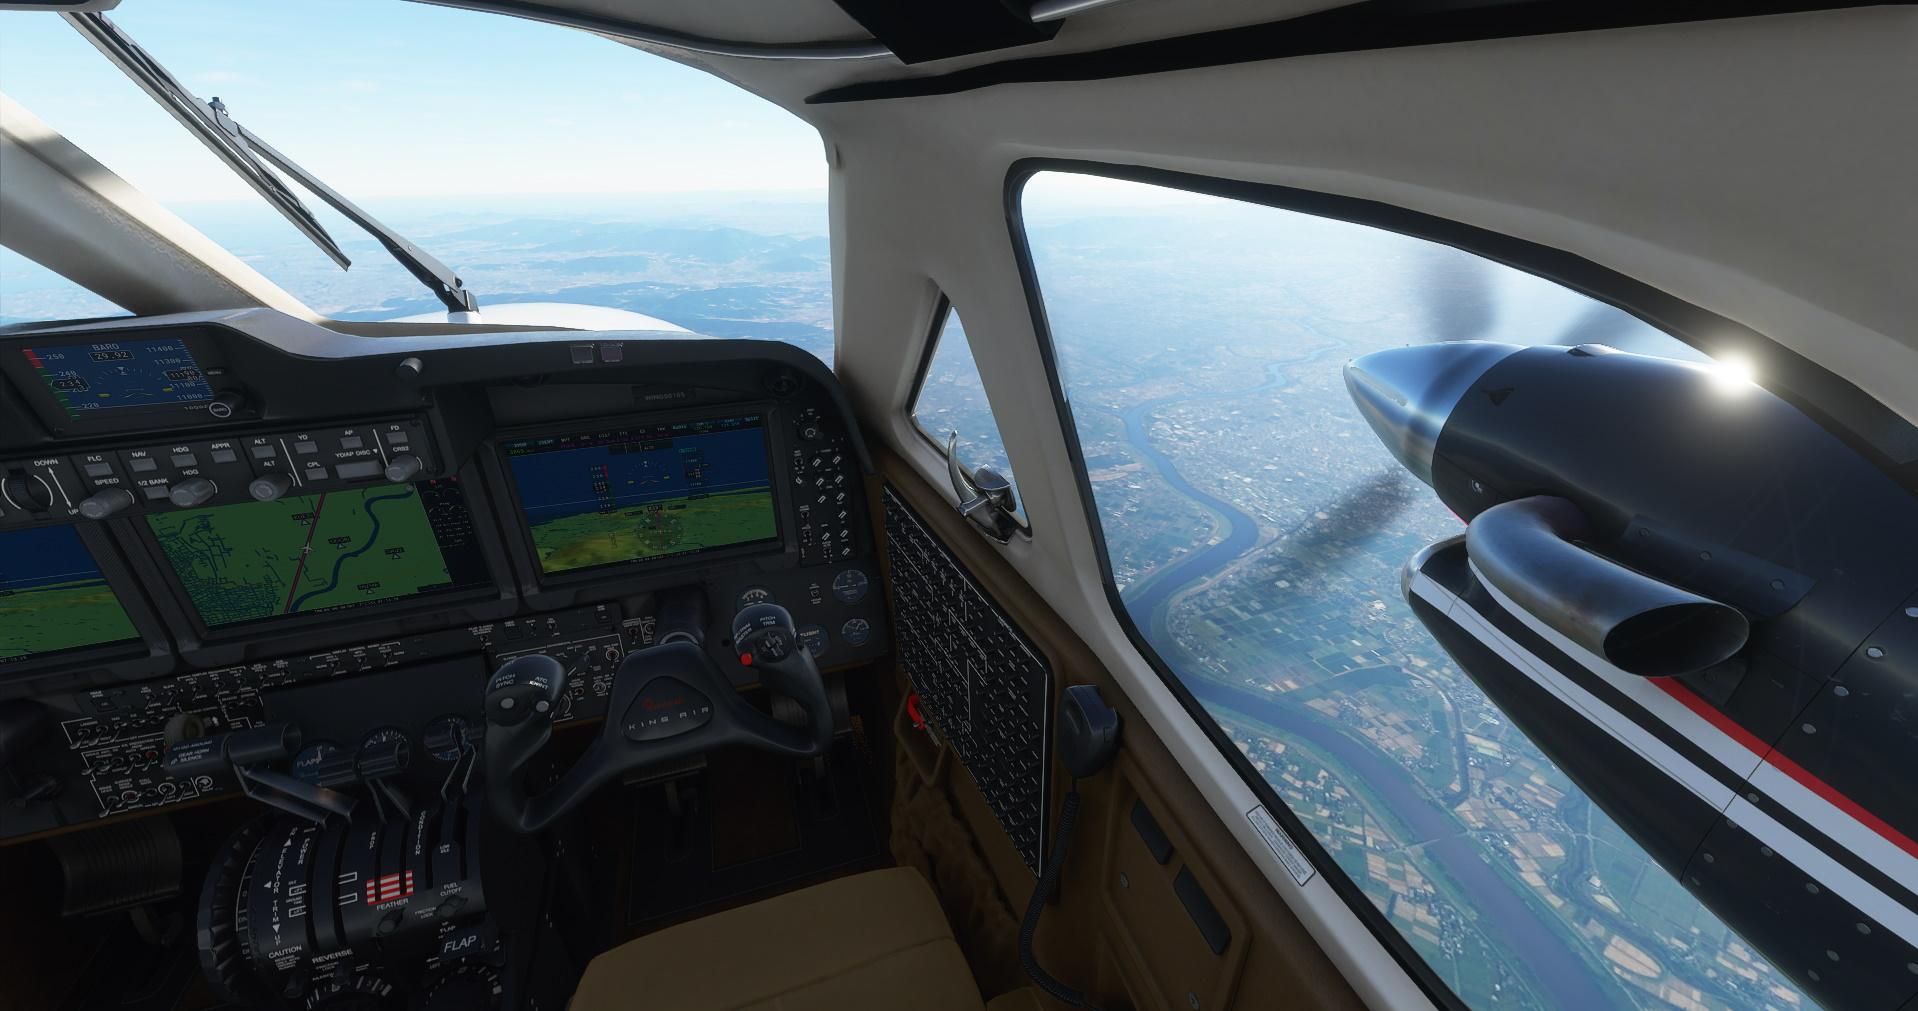 King Air Cockpit